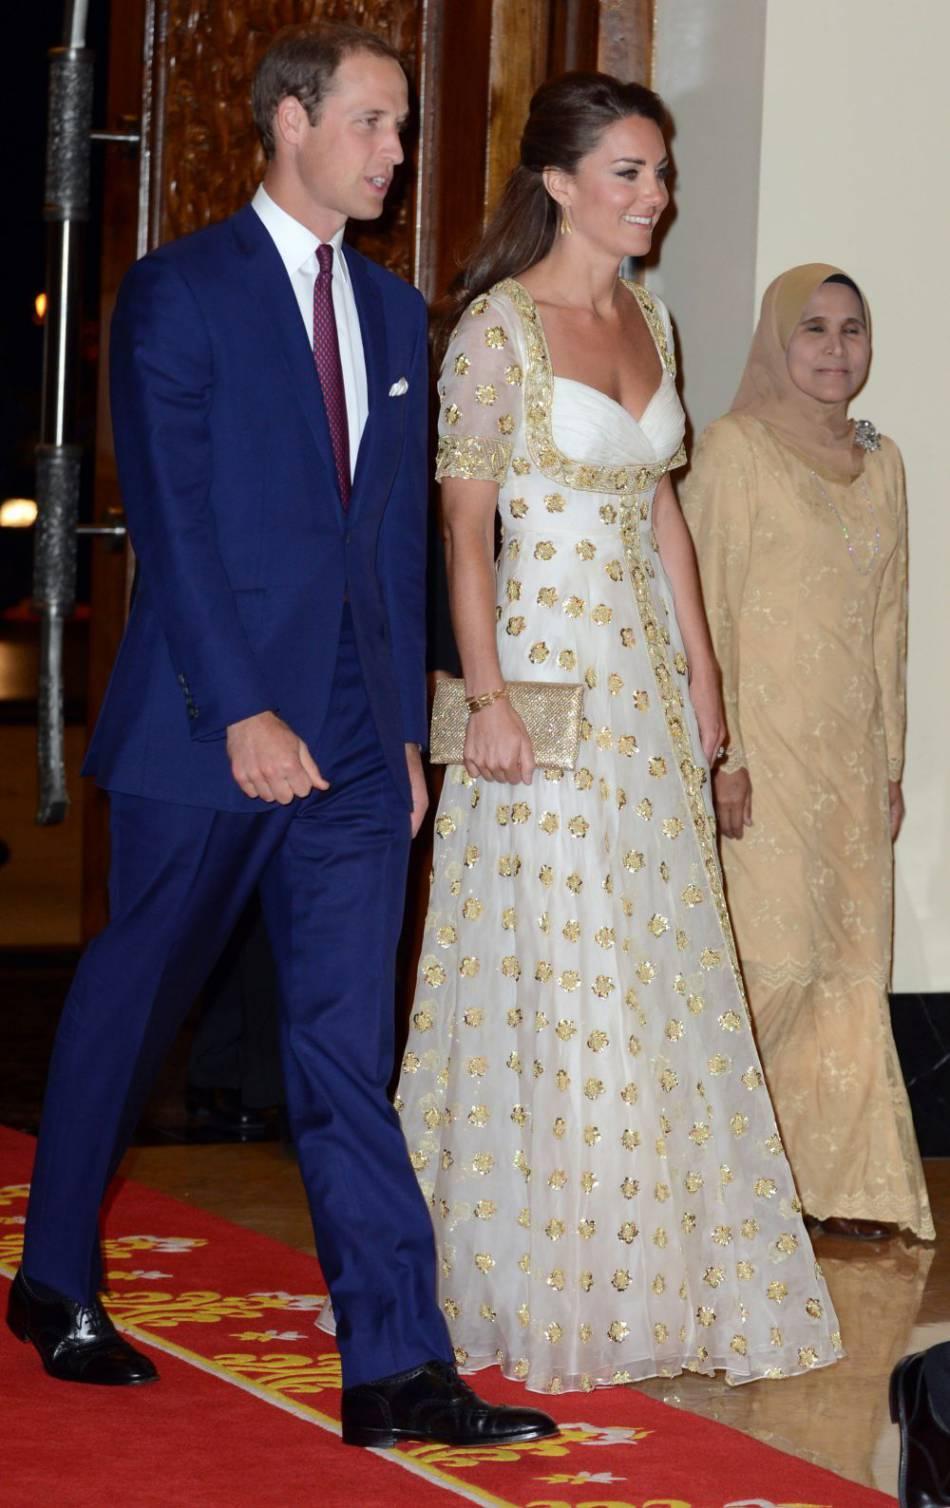 Pour un dîner avec le roi de Malaisie, Kate Middleton fait fort : une robe Alexander McQueen à manches transparentes.